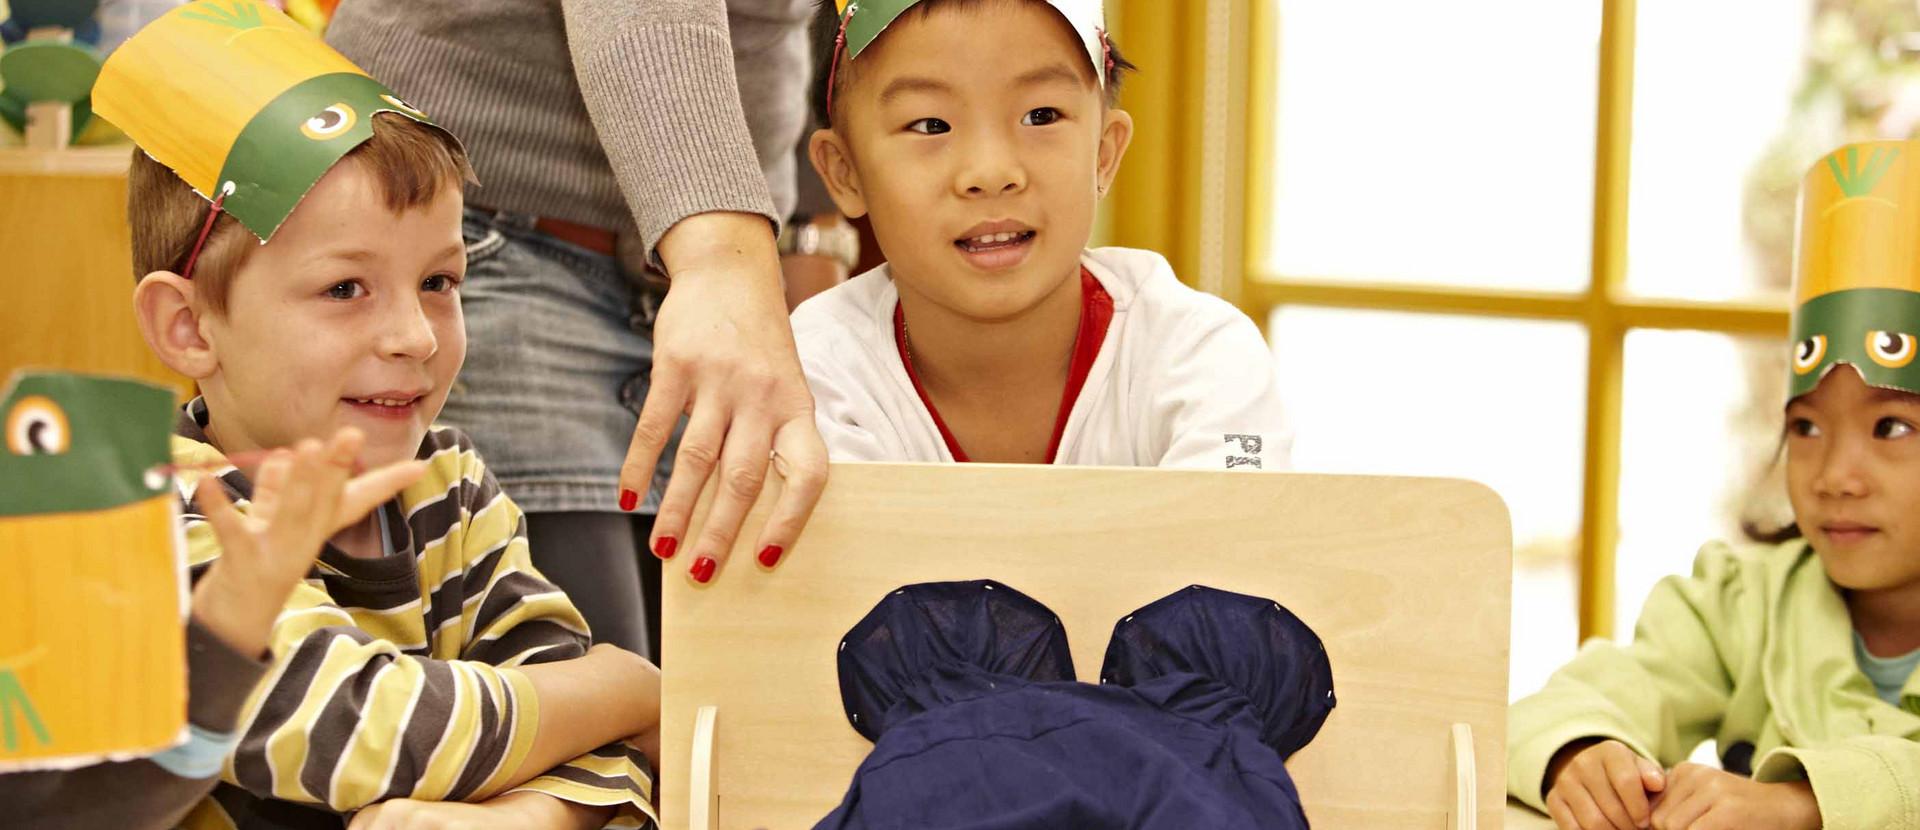 Kind ertastet in einem Stoffbeutel Lebensmittel